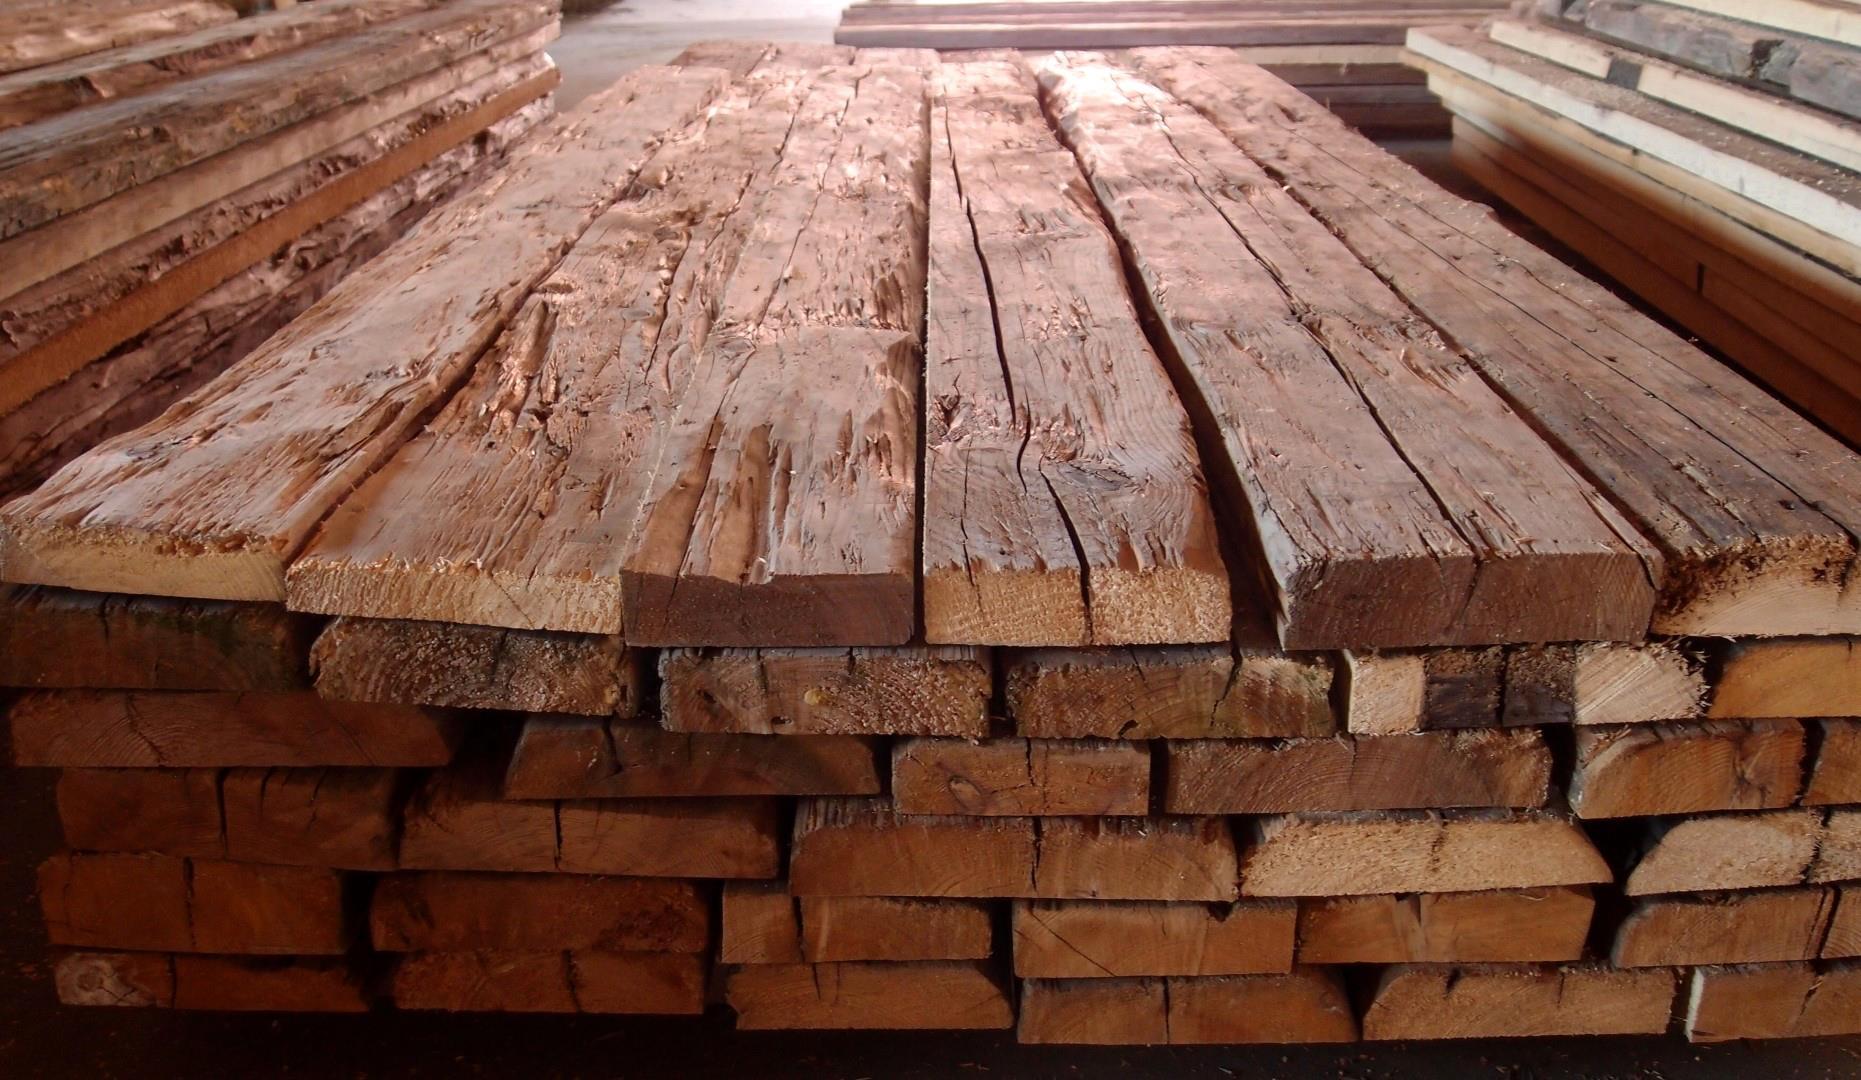 Altholz Fichte Gehackt 10 13m Lange Bretter Bs Holzdesign